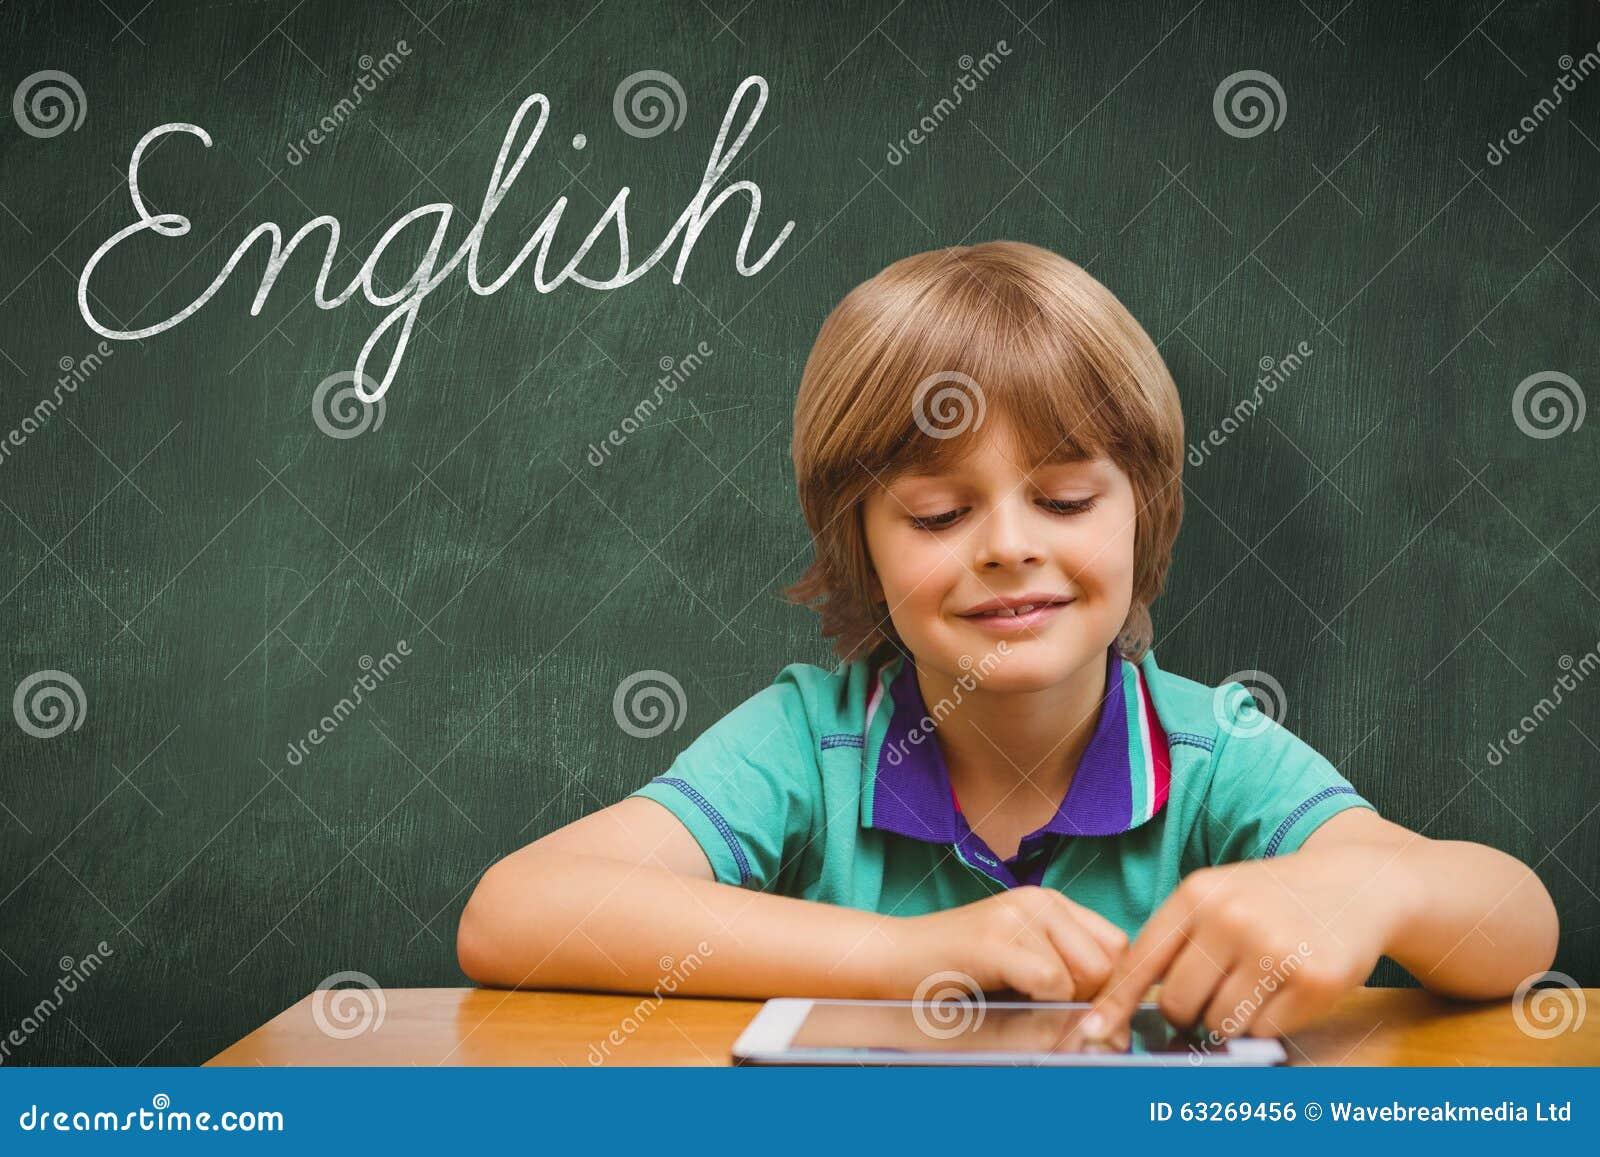 Englisch gegen grüne Tafel